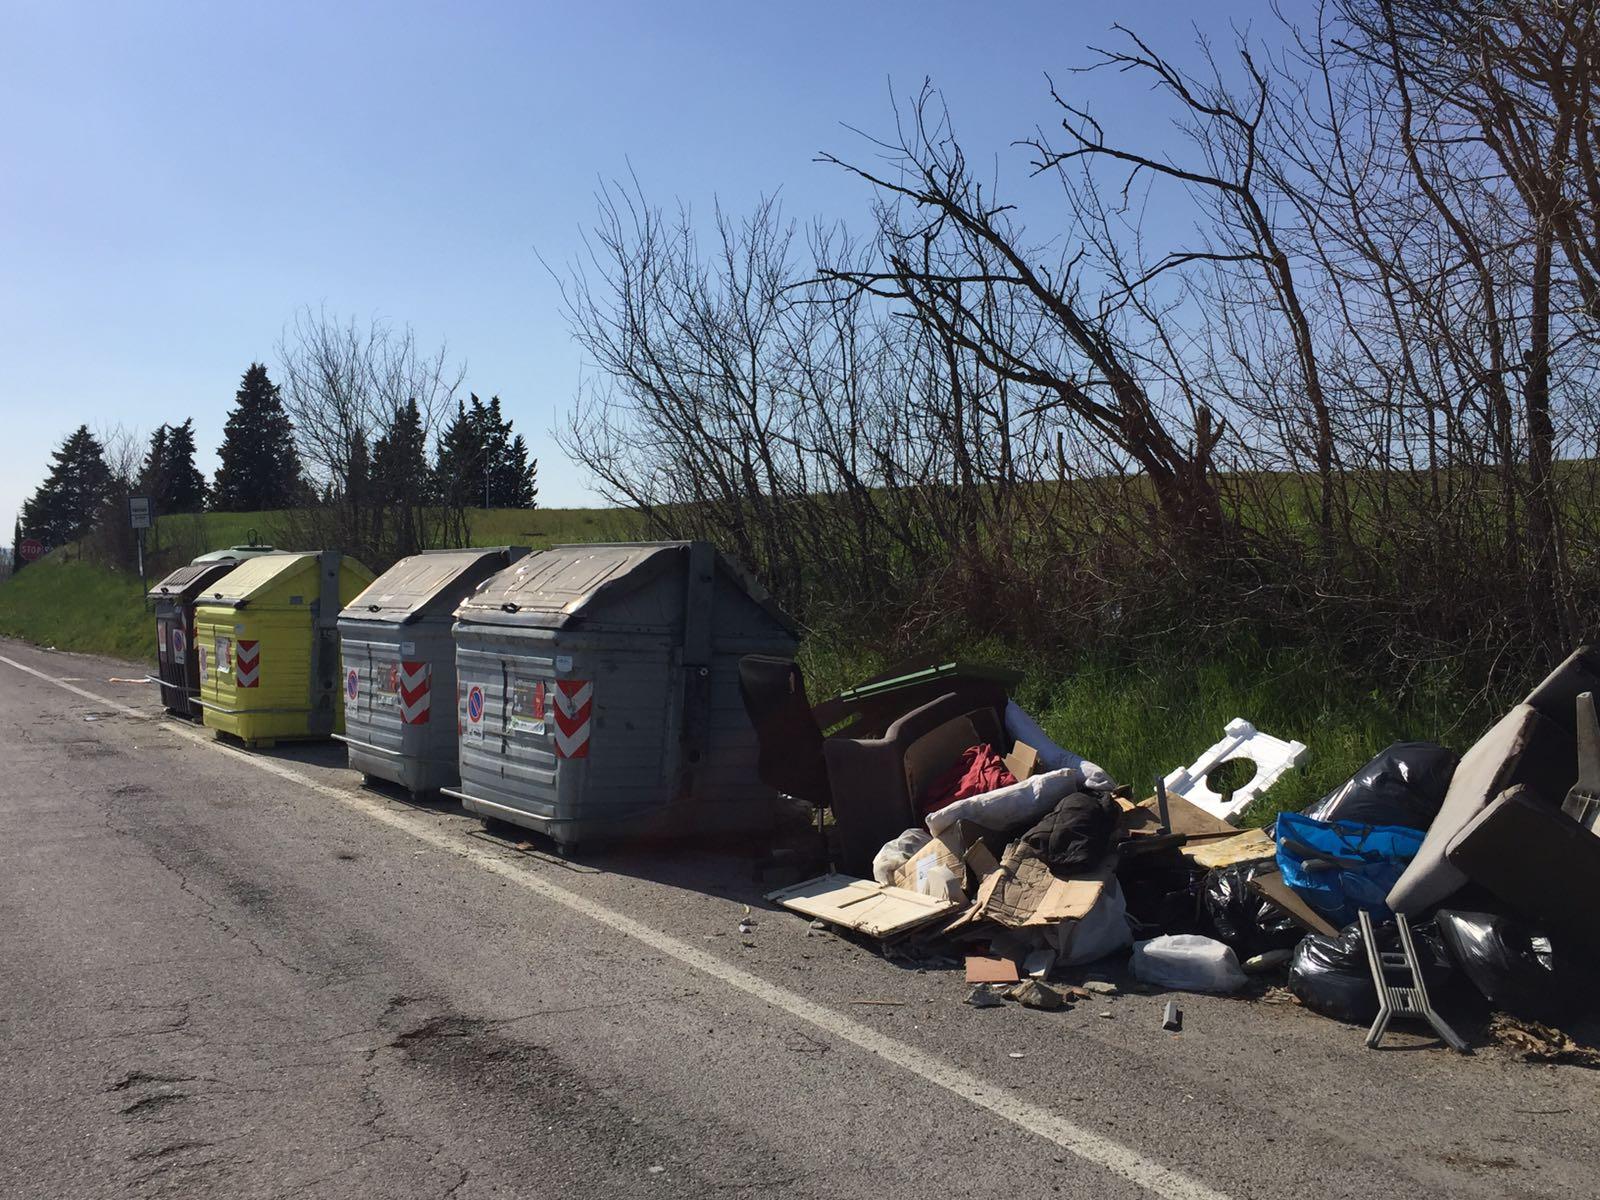 Poggibonsi conferimento rifiuti prime infrazioni for Conferimento rifiuti